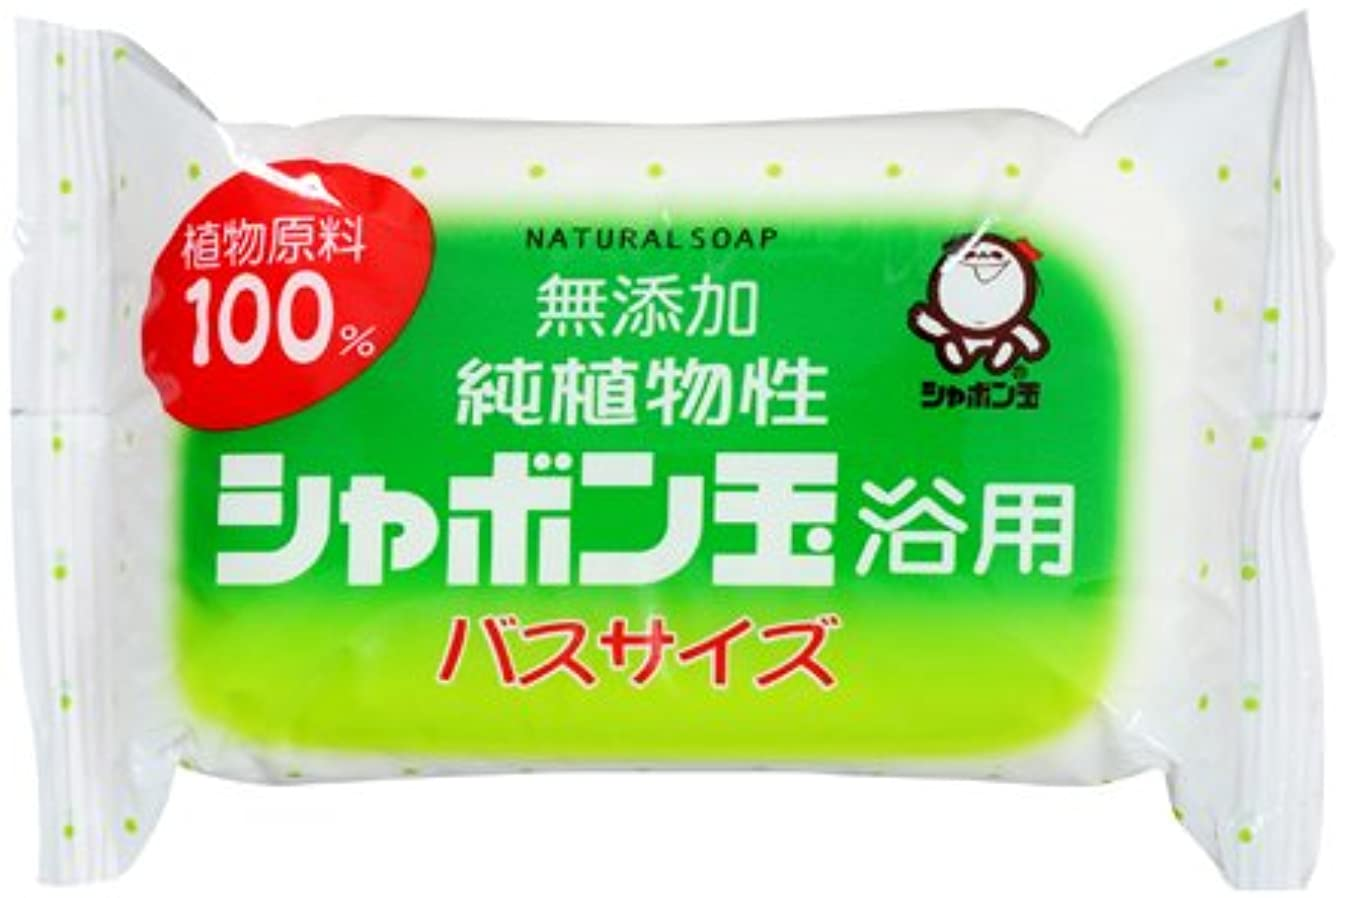 コミットメント冷笑する常習的シャボン玉石けん シャボン玉 純植物性 浴用 バスサイズ 155g(無添加石鹸)×60点セット (4901797003051)